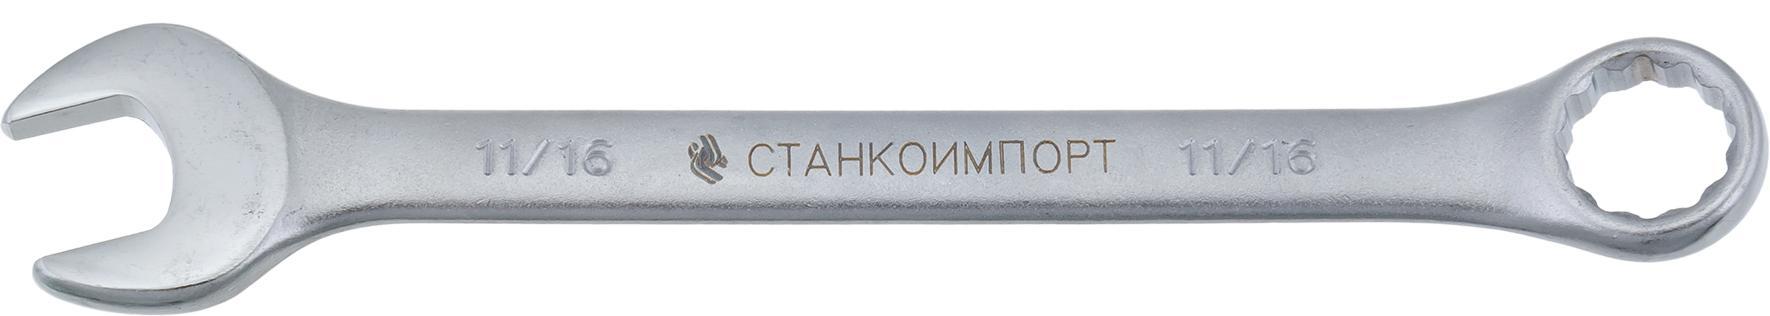 Купить Ключ СТАНКОИМПОРТ КК.11.29.Д1-11/16